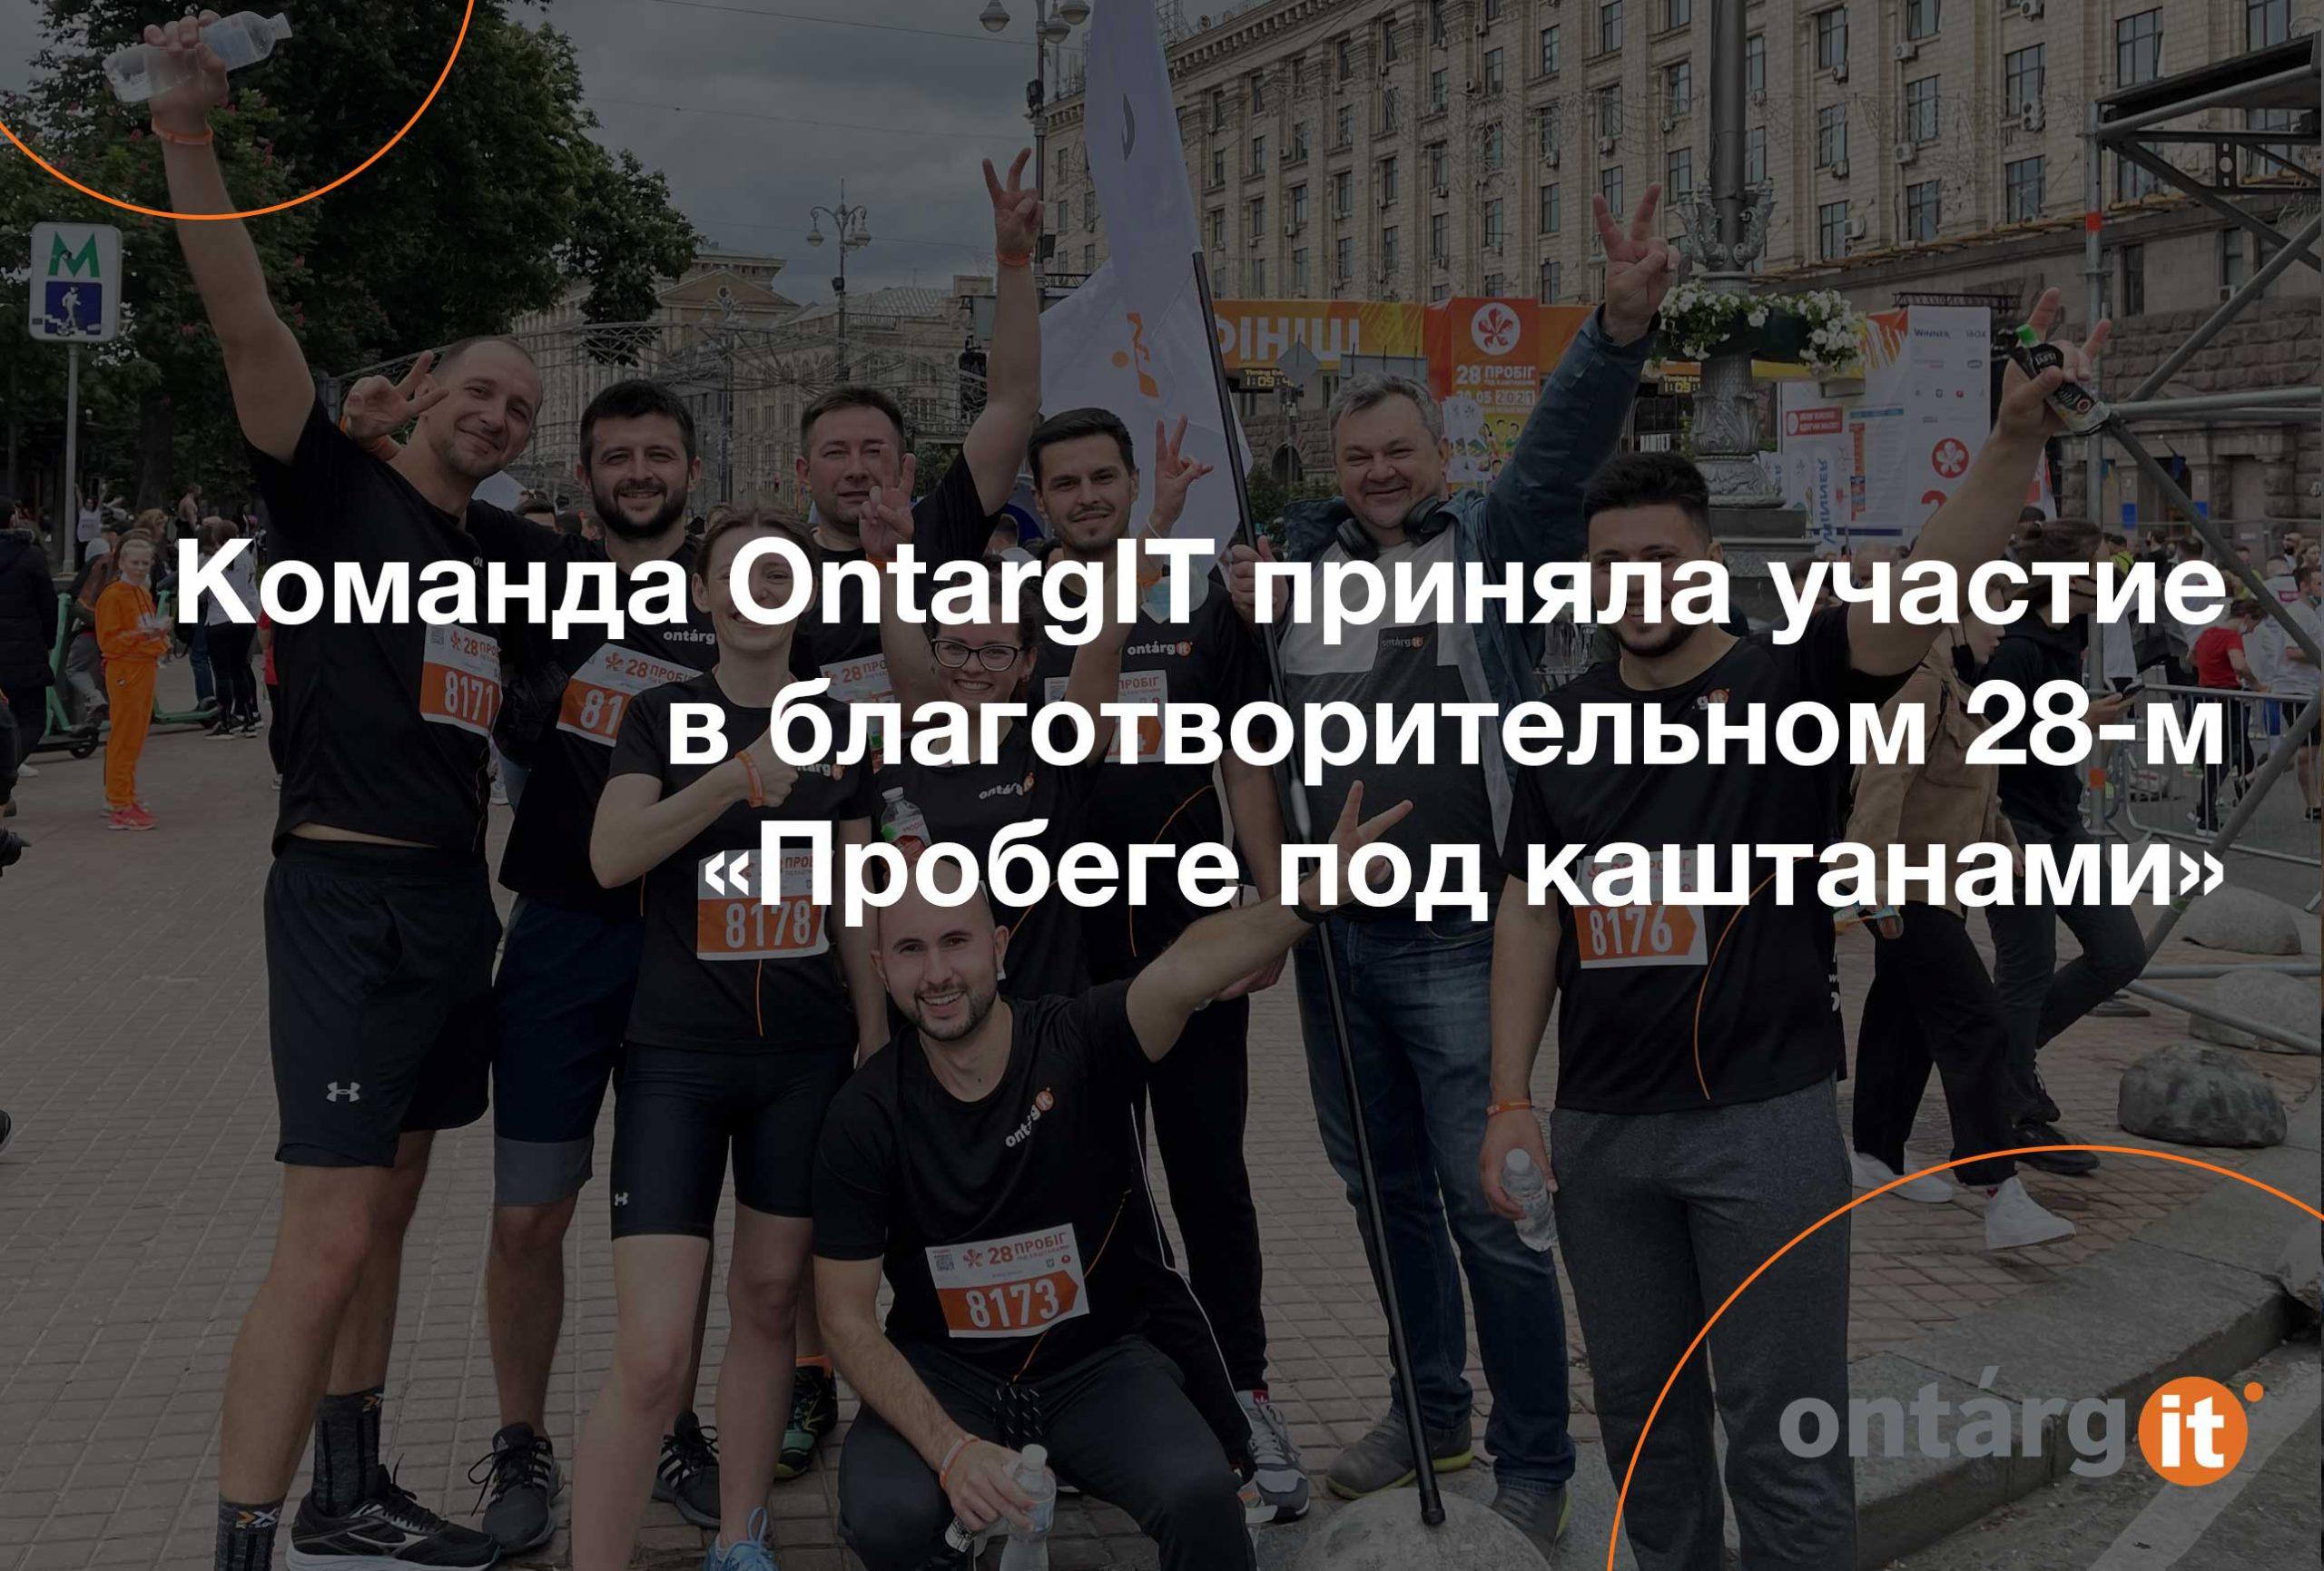 Команда-OntargIT-приняла-участие-в-благотворительном-28-м-«Пробеге-под-каштанами»